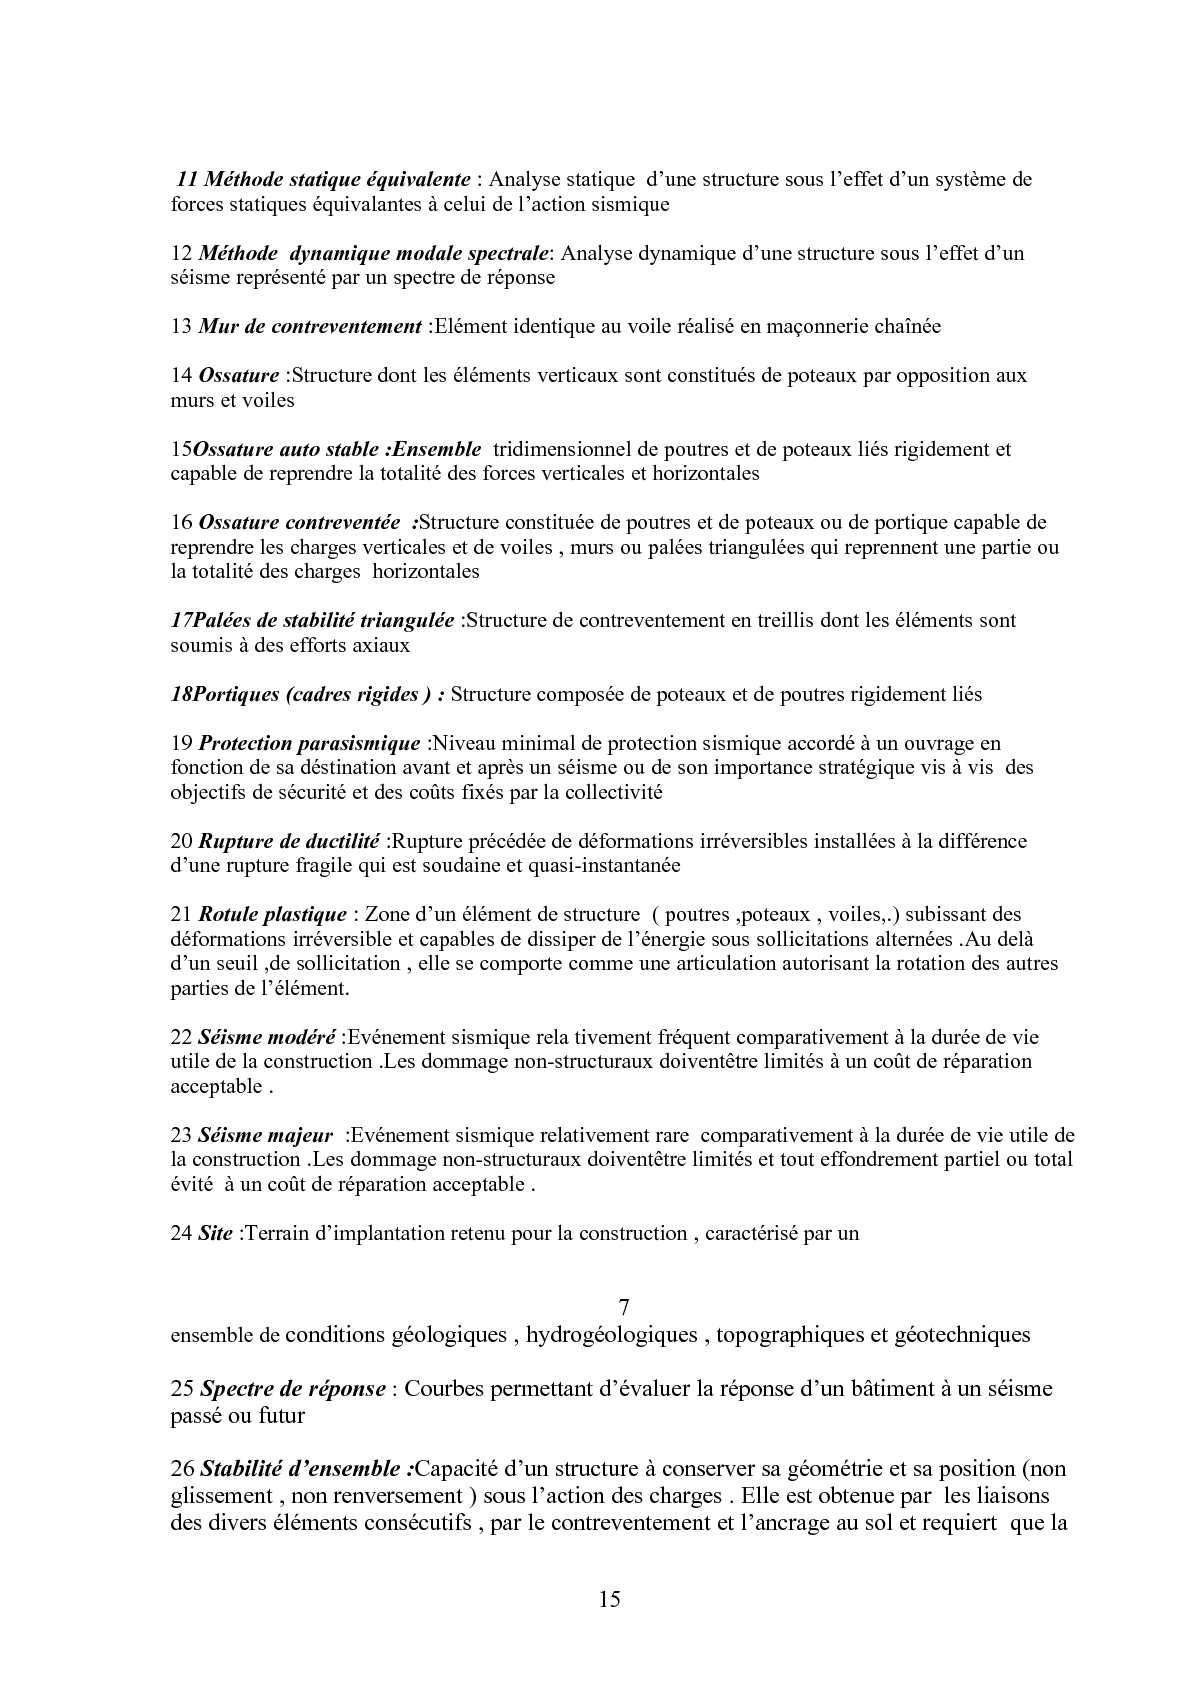 DE TÉLÉCHARGER 2003 RPA SPECTRE RÉPONSE